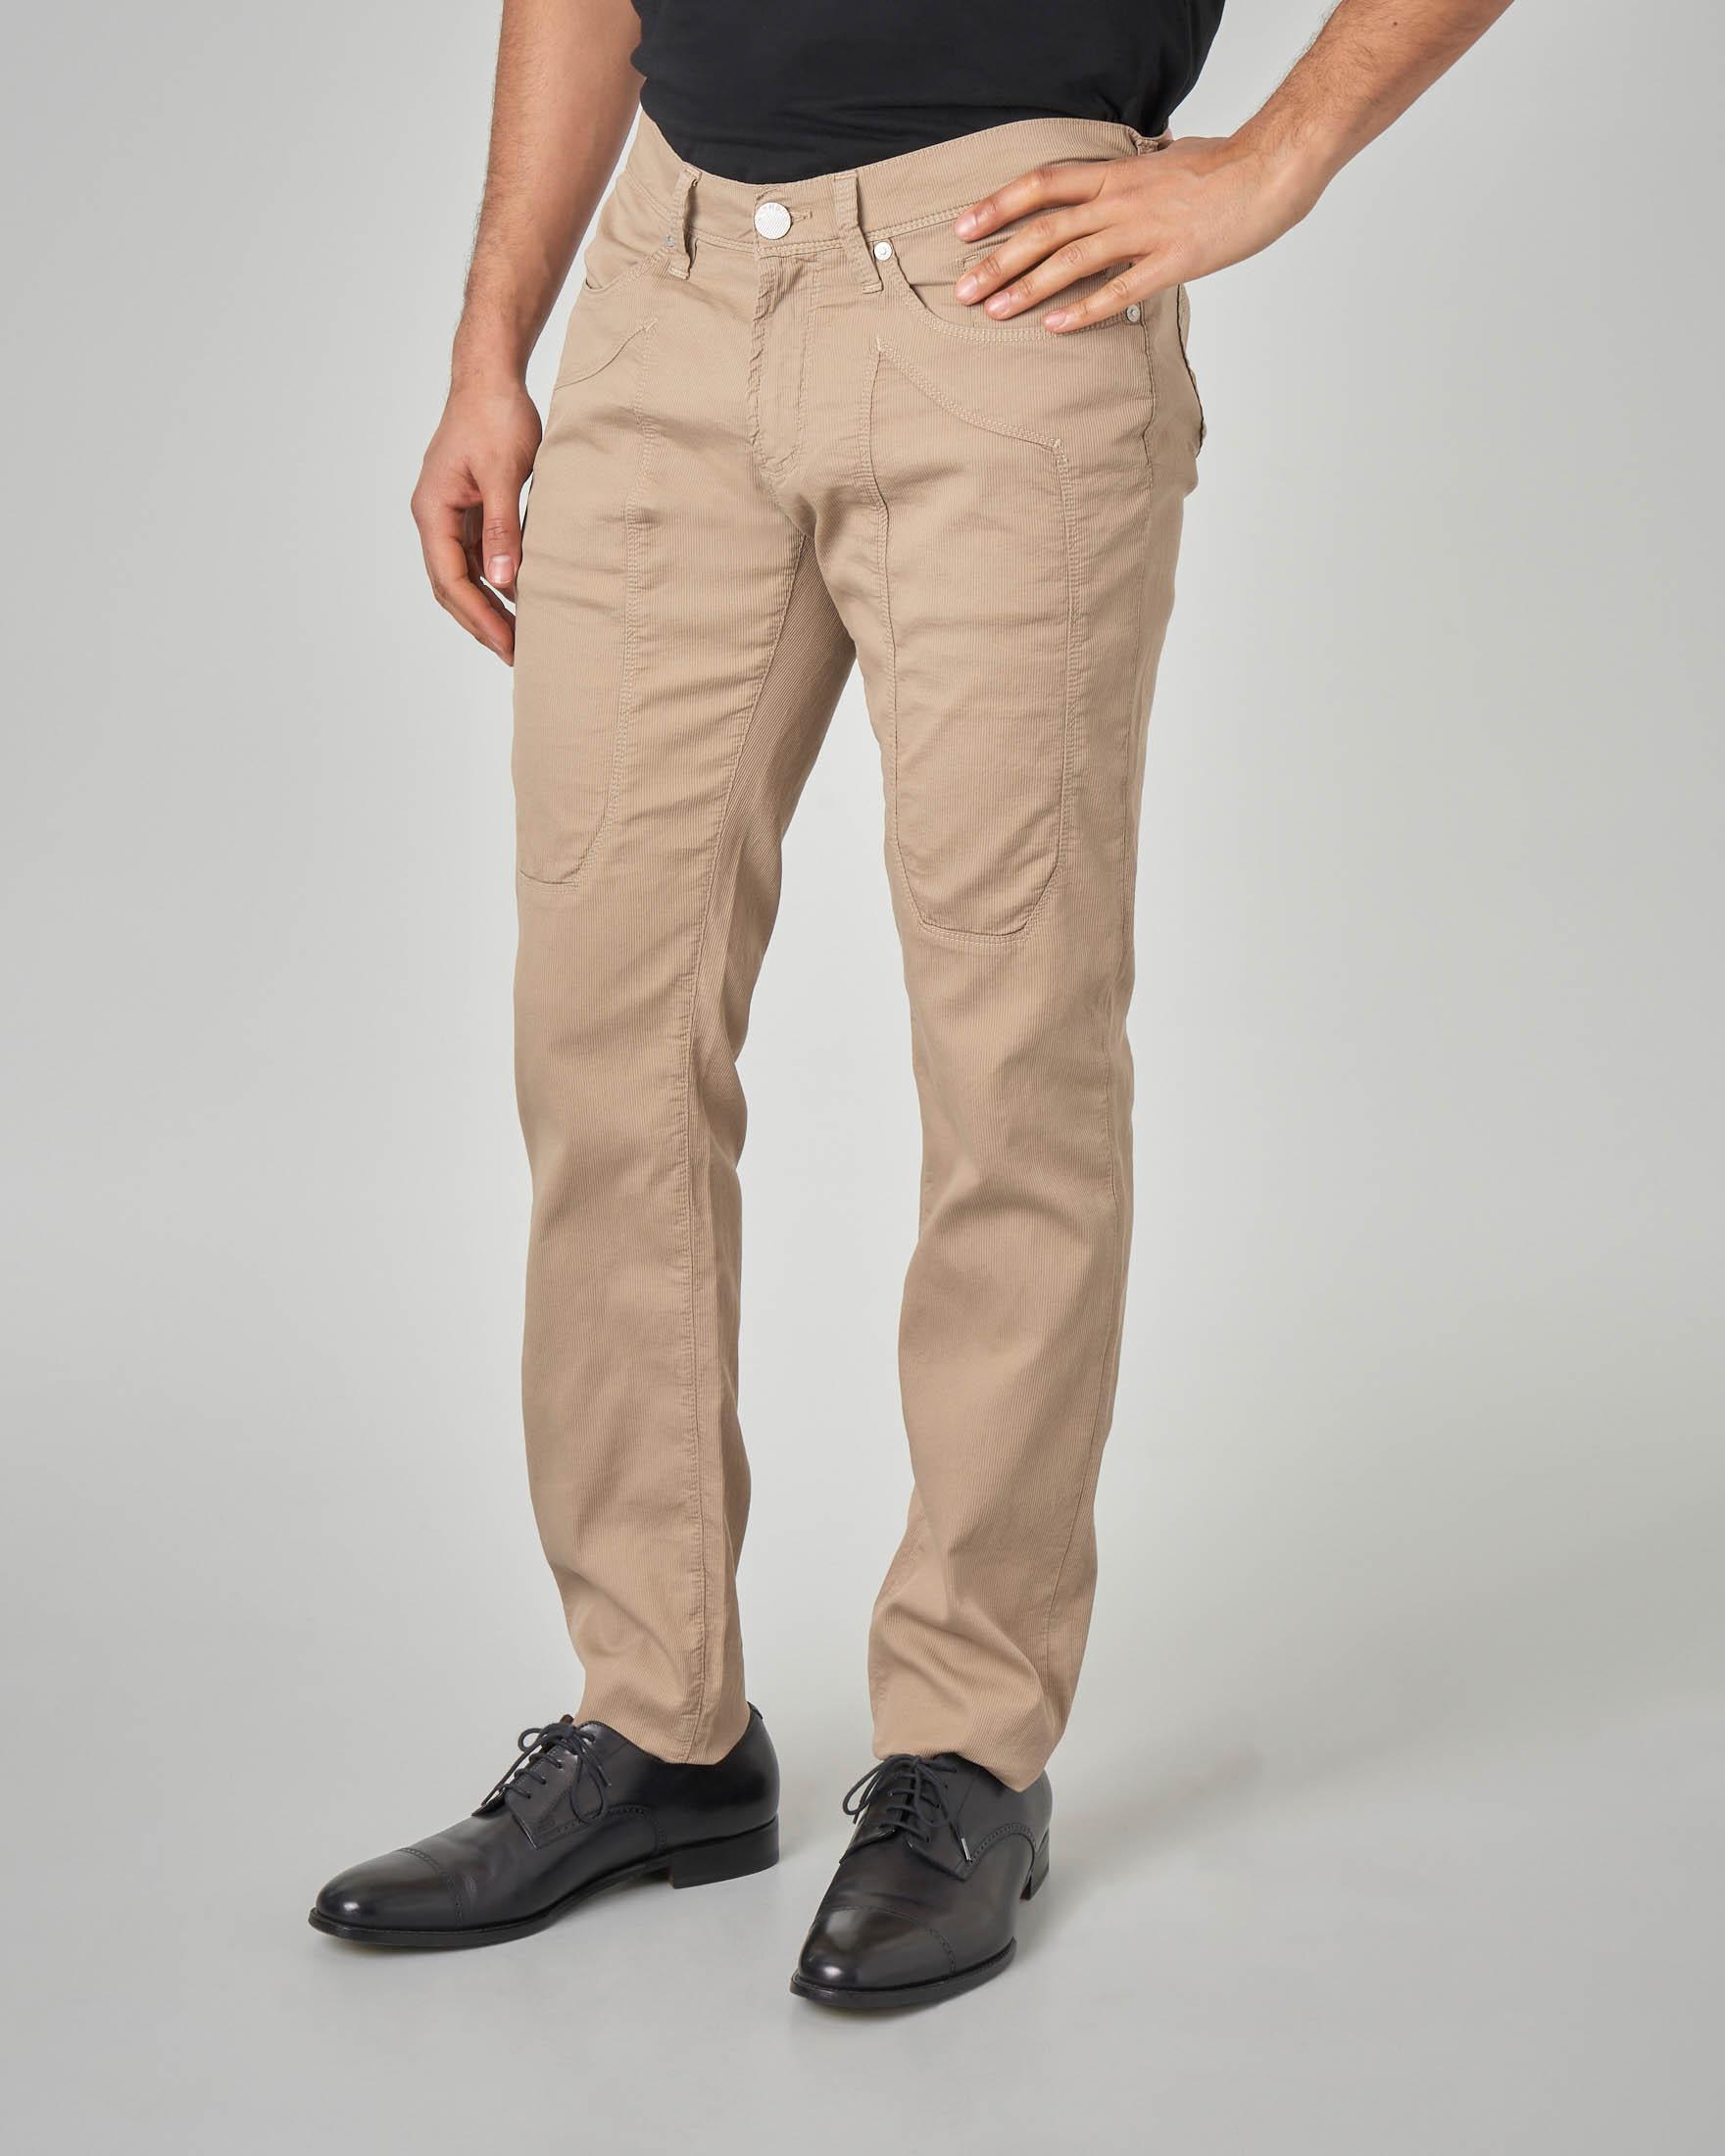 Pantalone sabbia cinque tasche con toppa